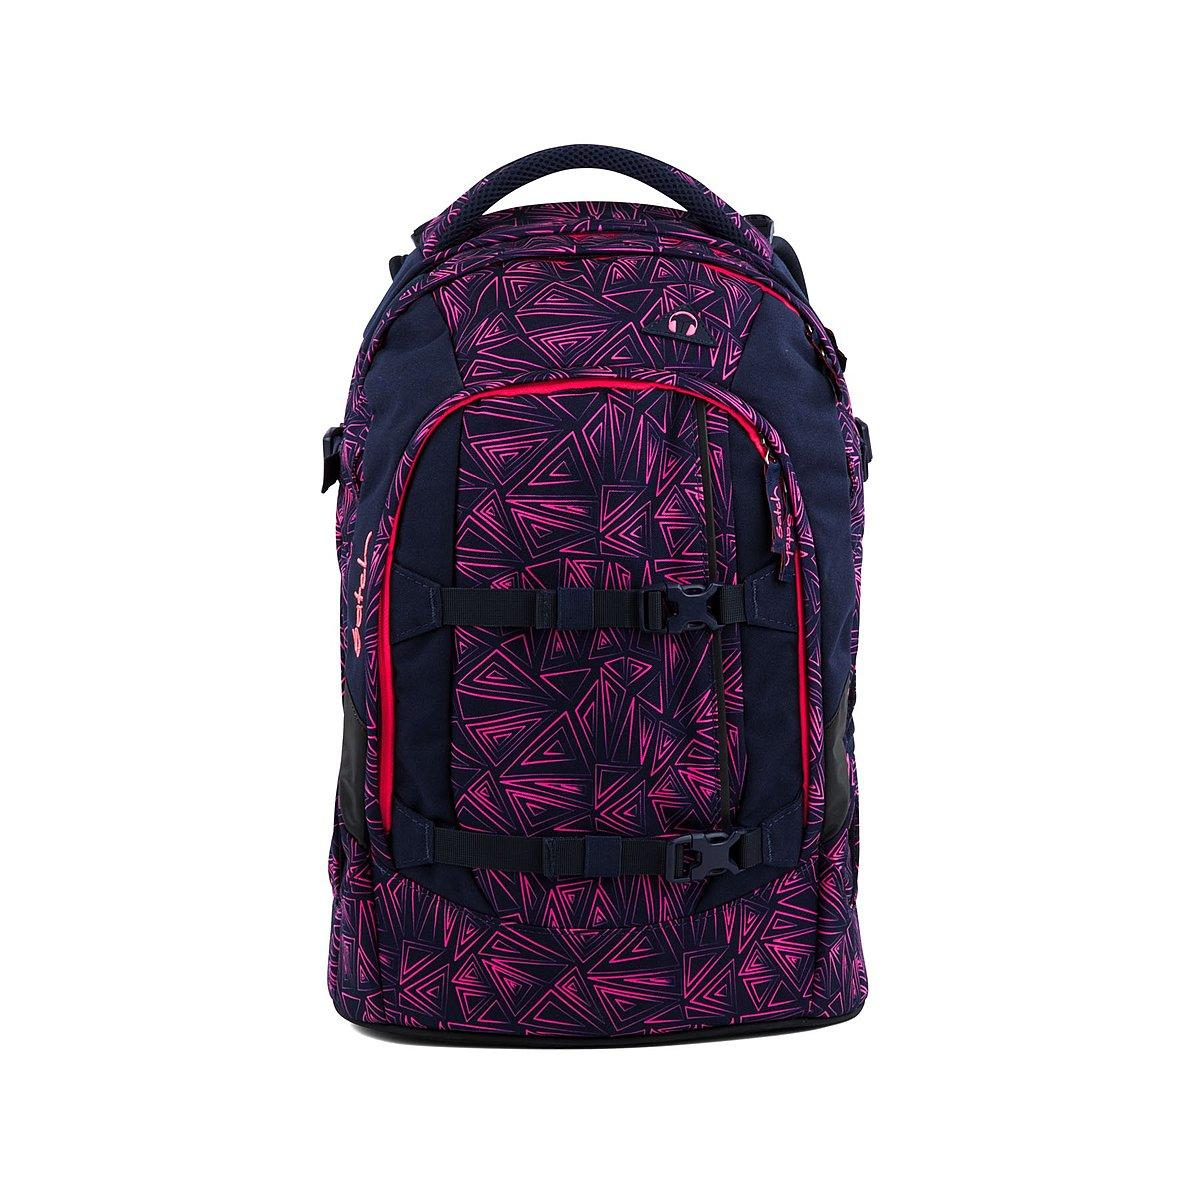 satch pack pink bermuda schulrucksack. Black Bedroom Furniture Sets. Home Design Ideas